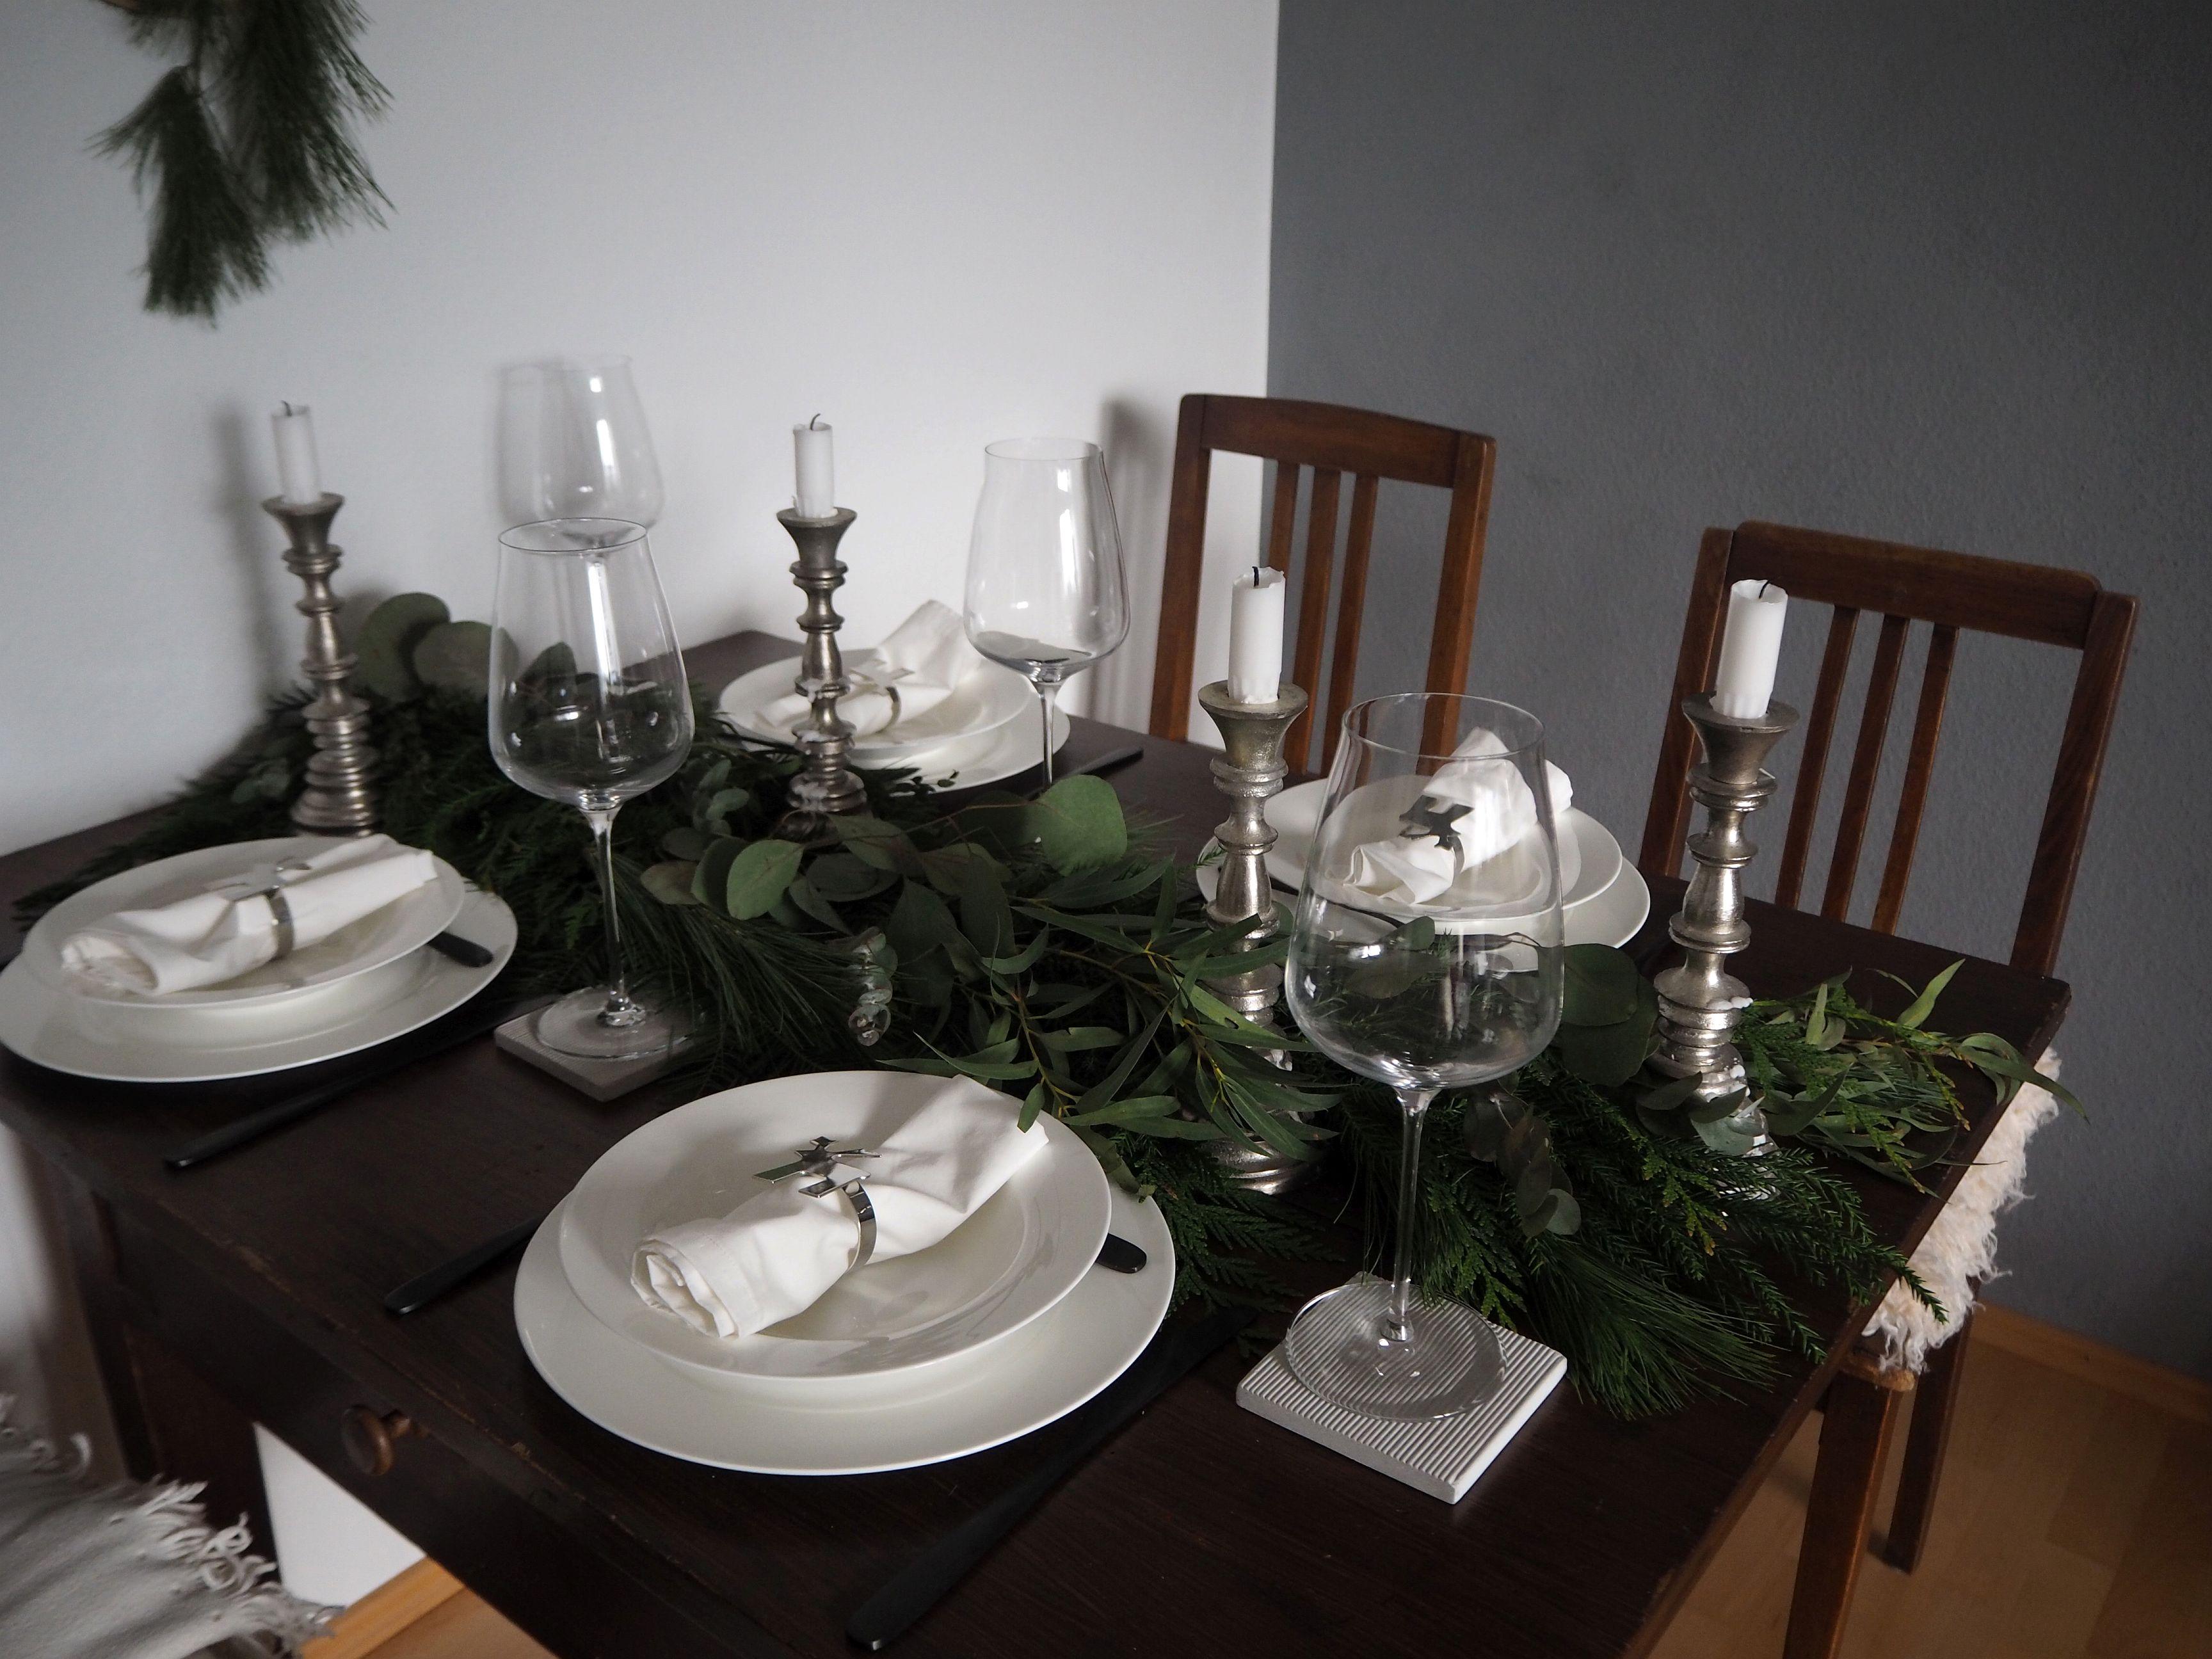 2017-12-skoen-och-kreativ-tischdeko-interior-schlichtes-skandinavisches-tablesetting-weihnachten (3)